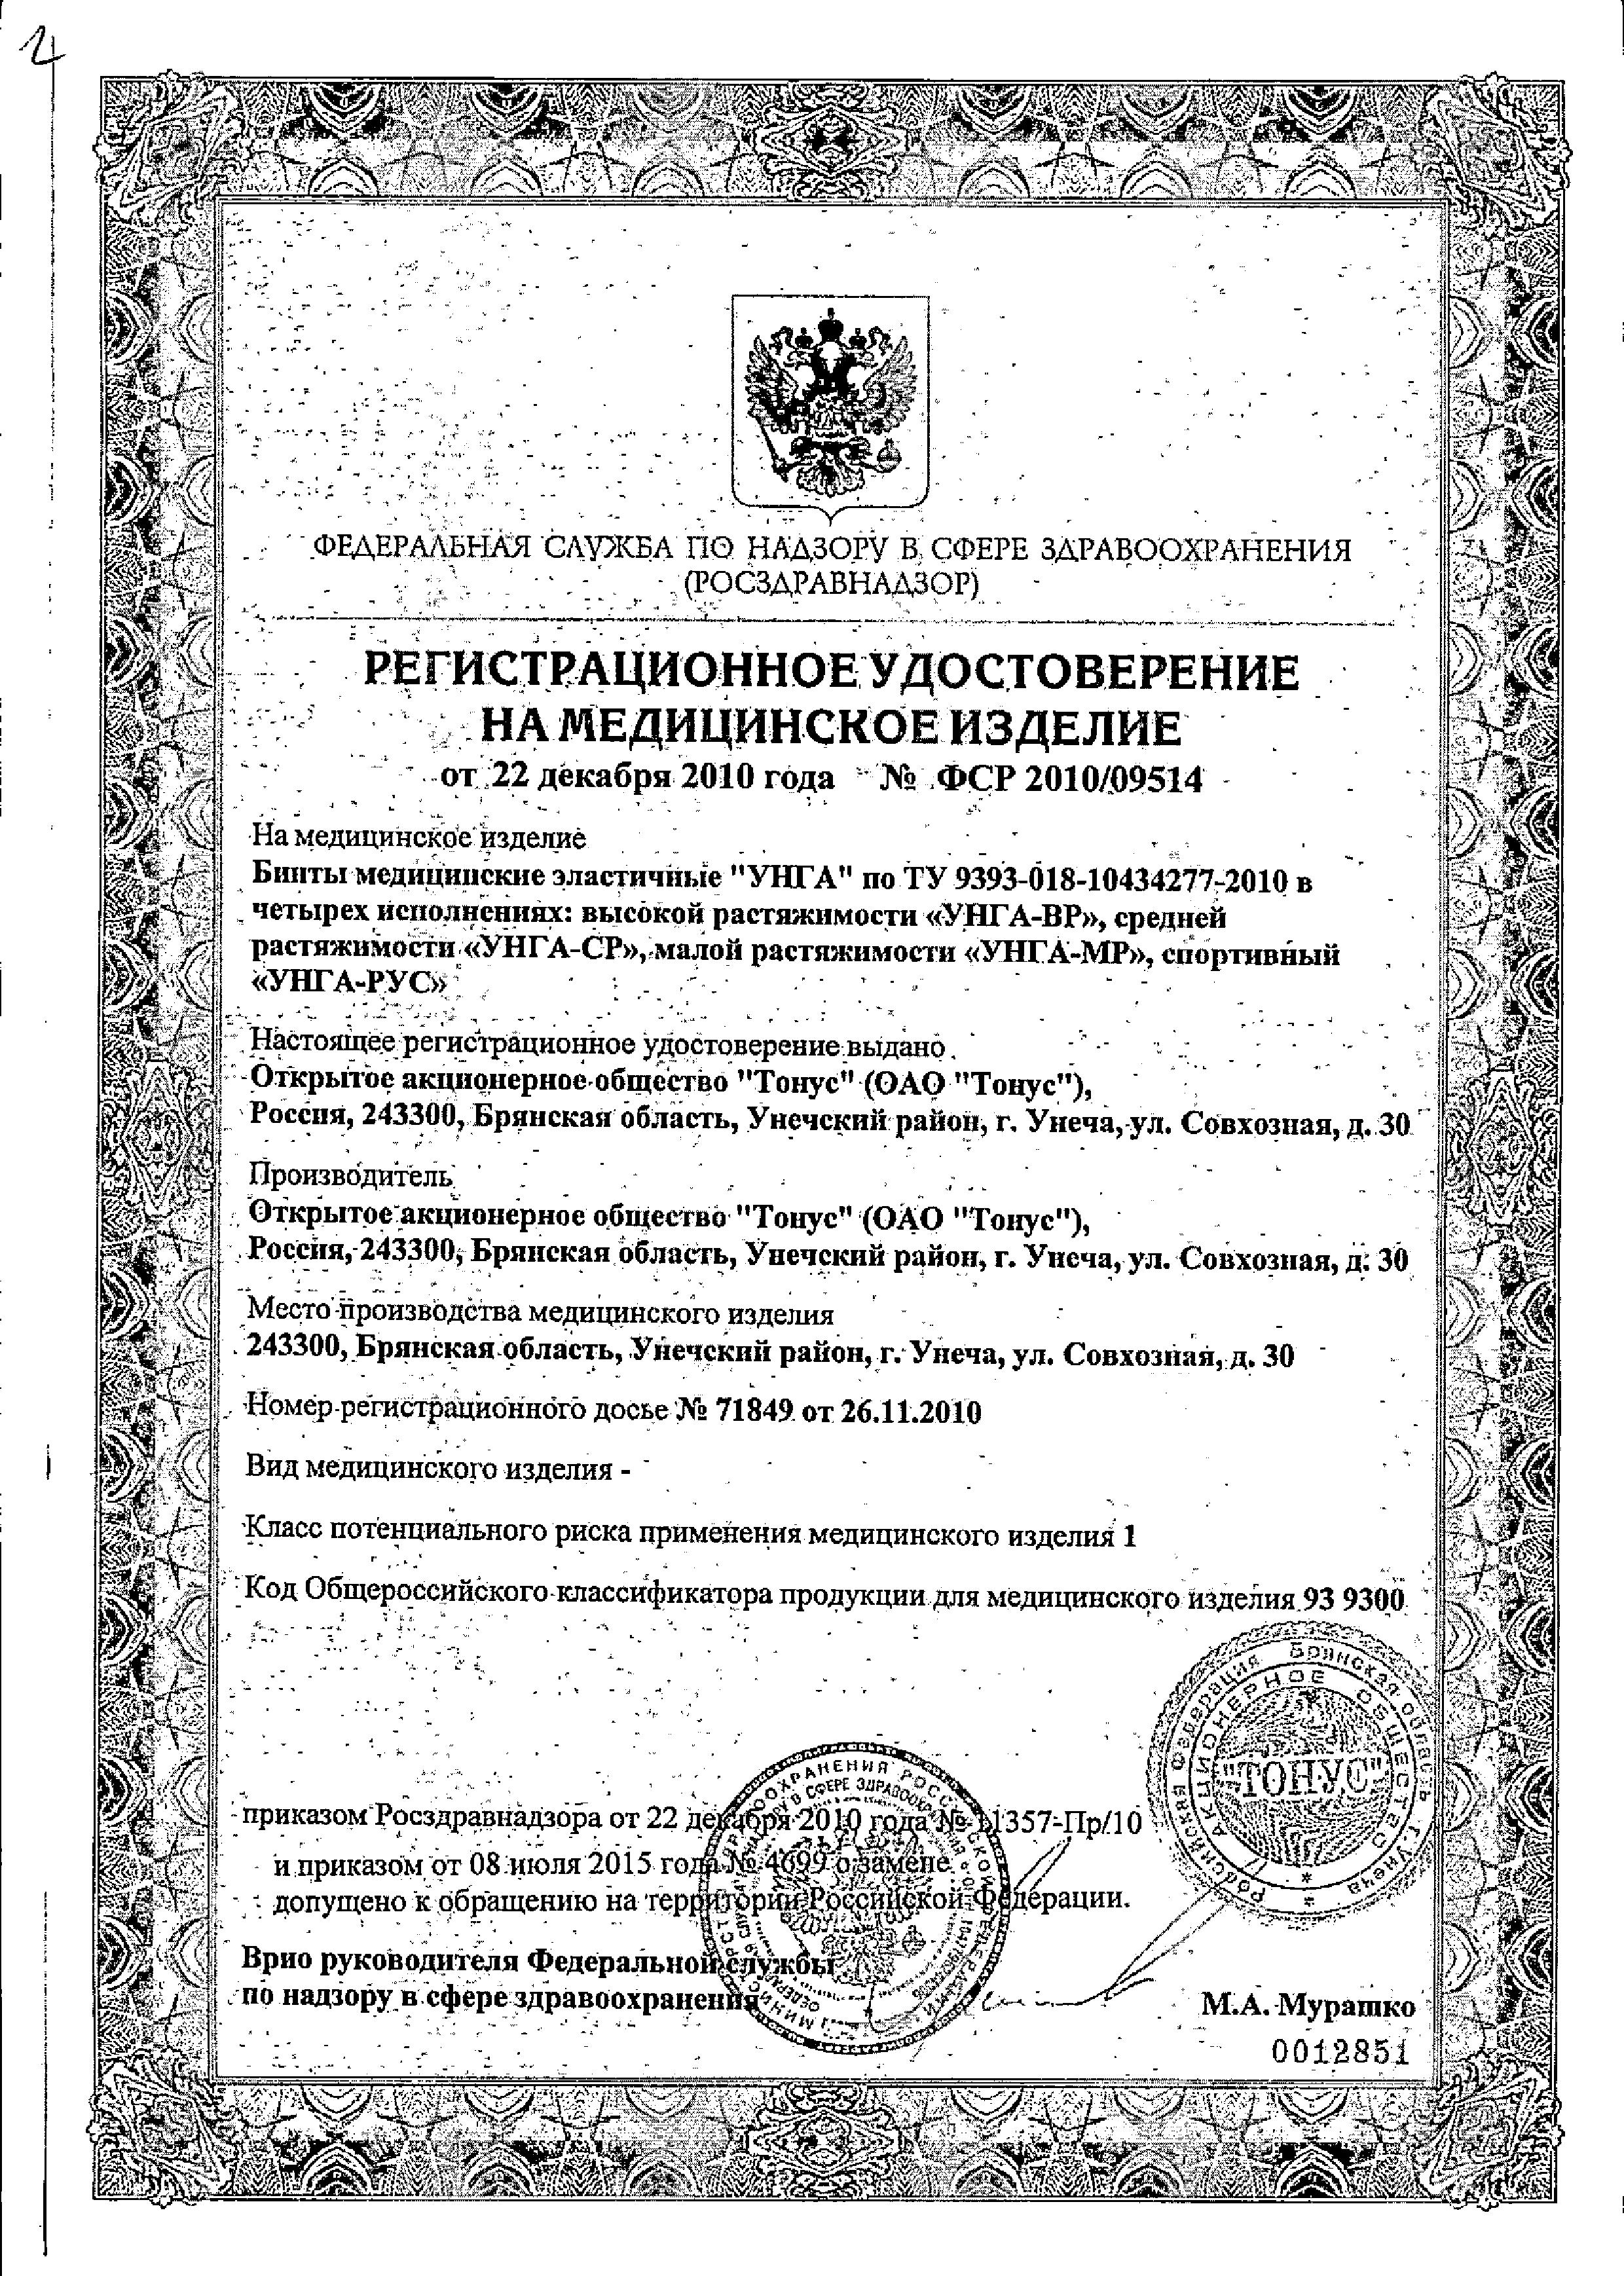 Бинт медицинский эластичный высокой растяжимости УНГА-ВР сертификат